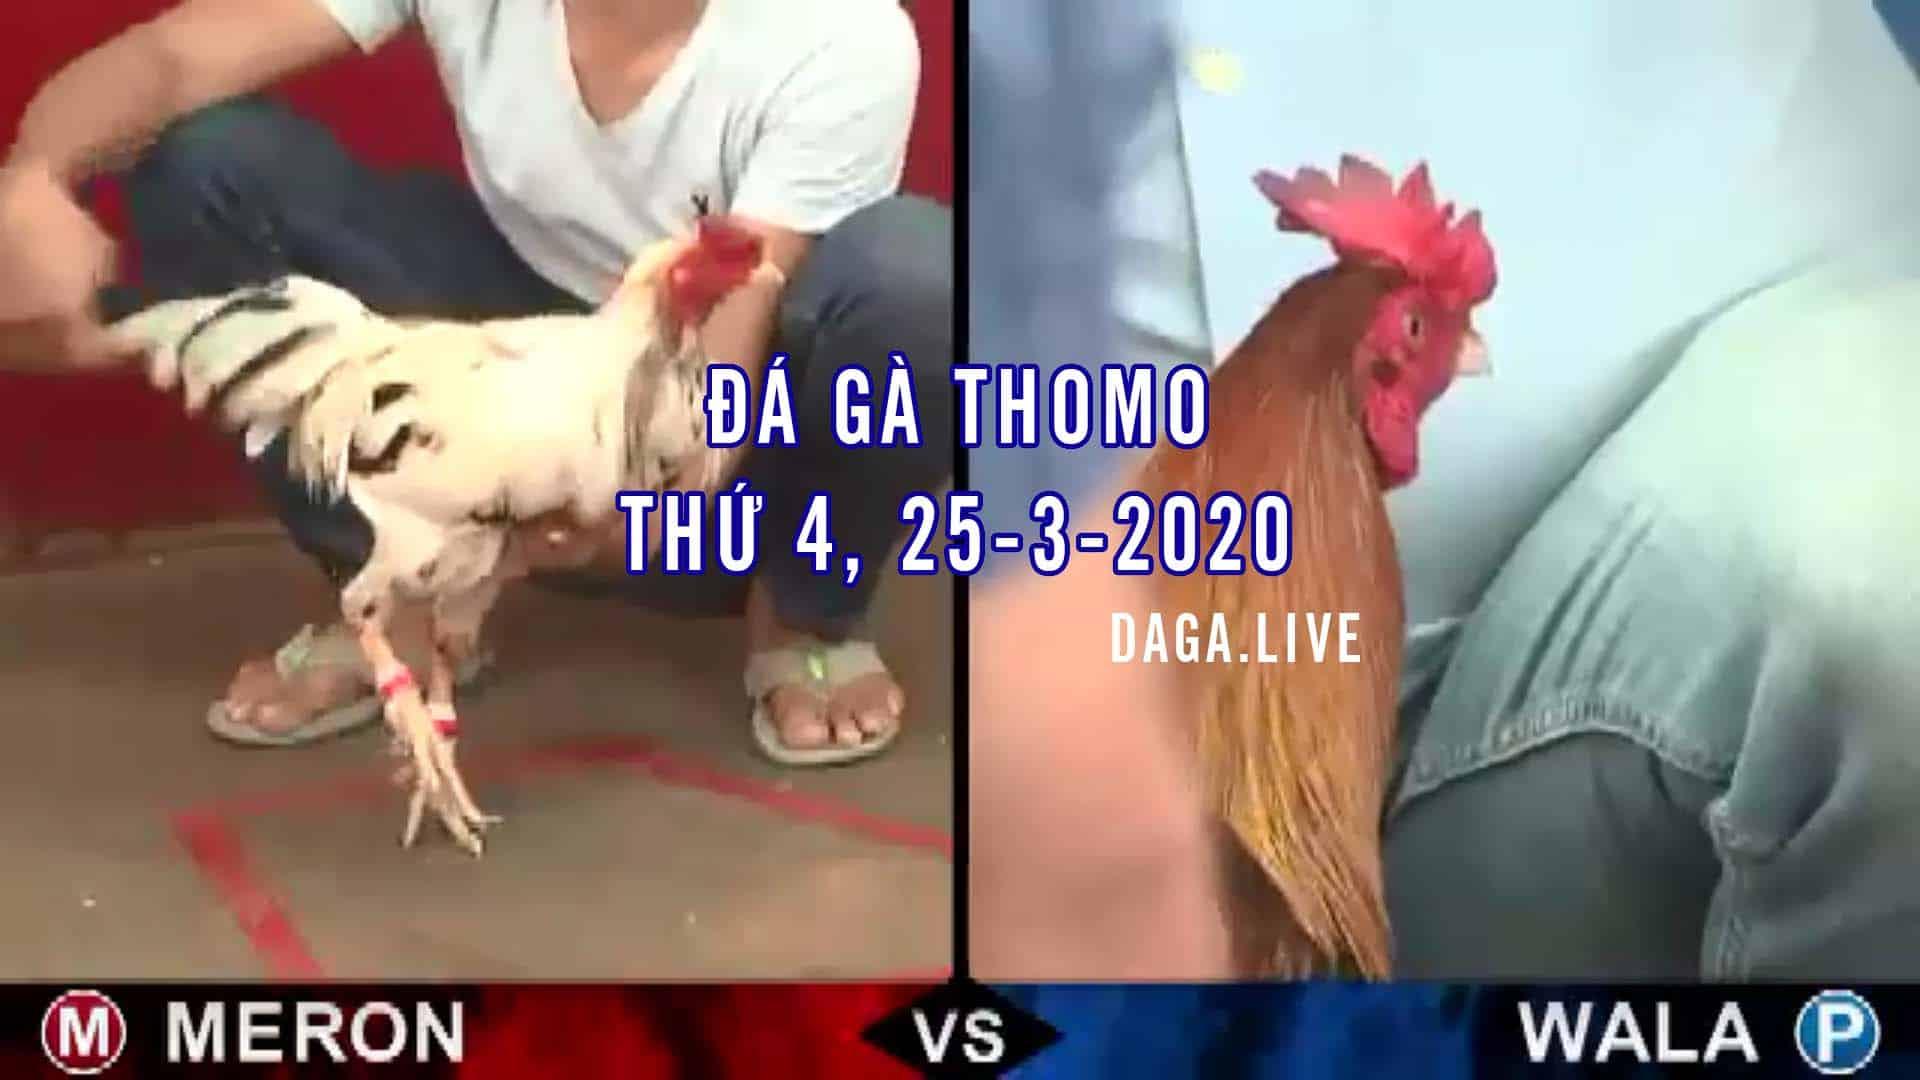 DAGA.LIVE - Đá gà thomo hôm nay, đá gà campuchia, đá gà trực tiếp, đá gà cựa sắt thứ 4 ngày 25-3-2020